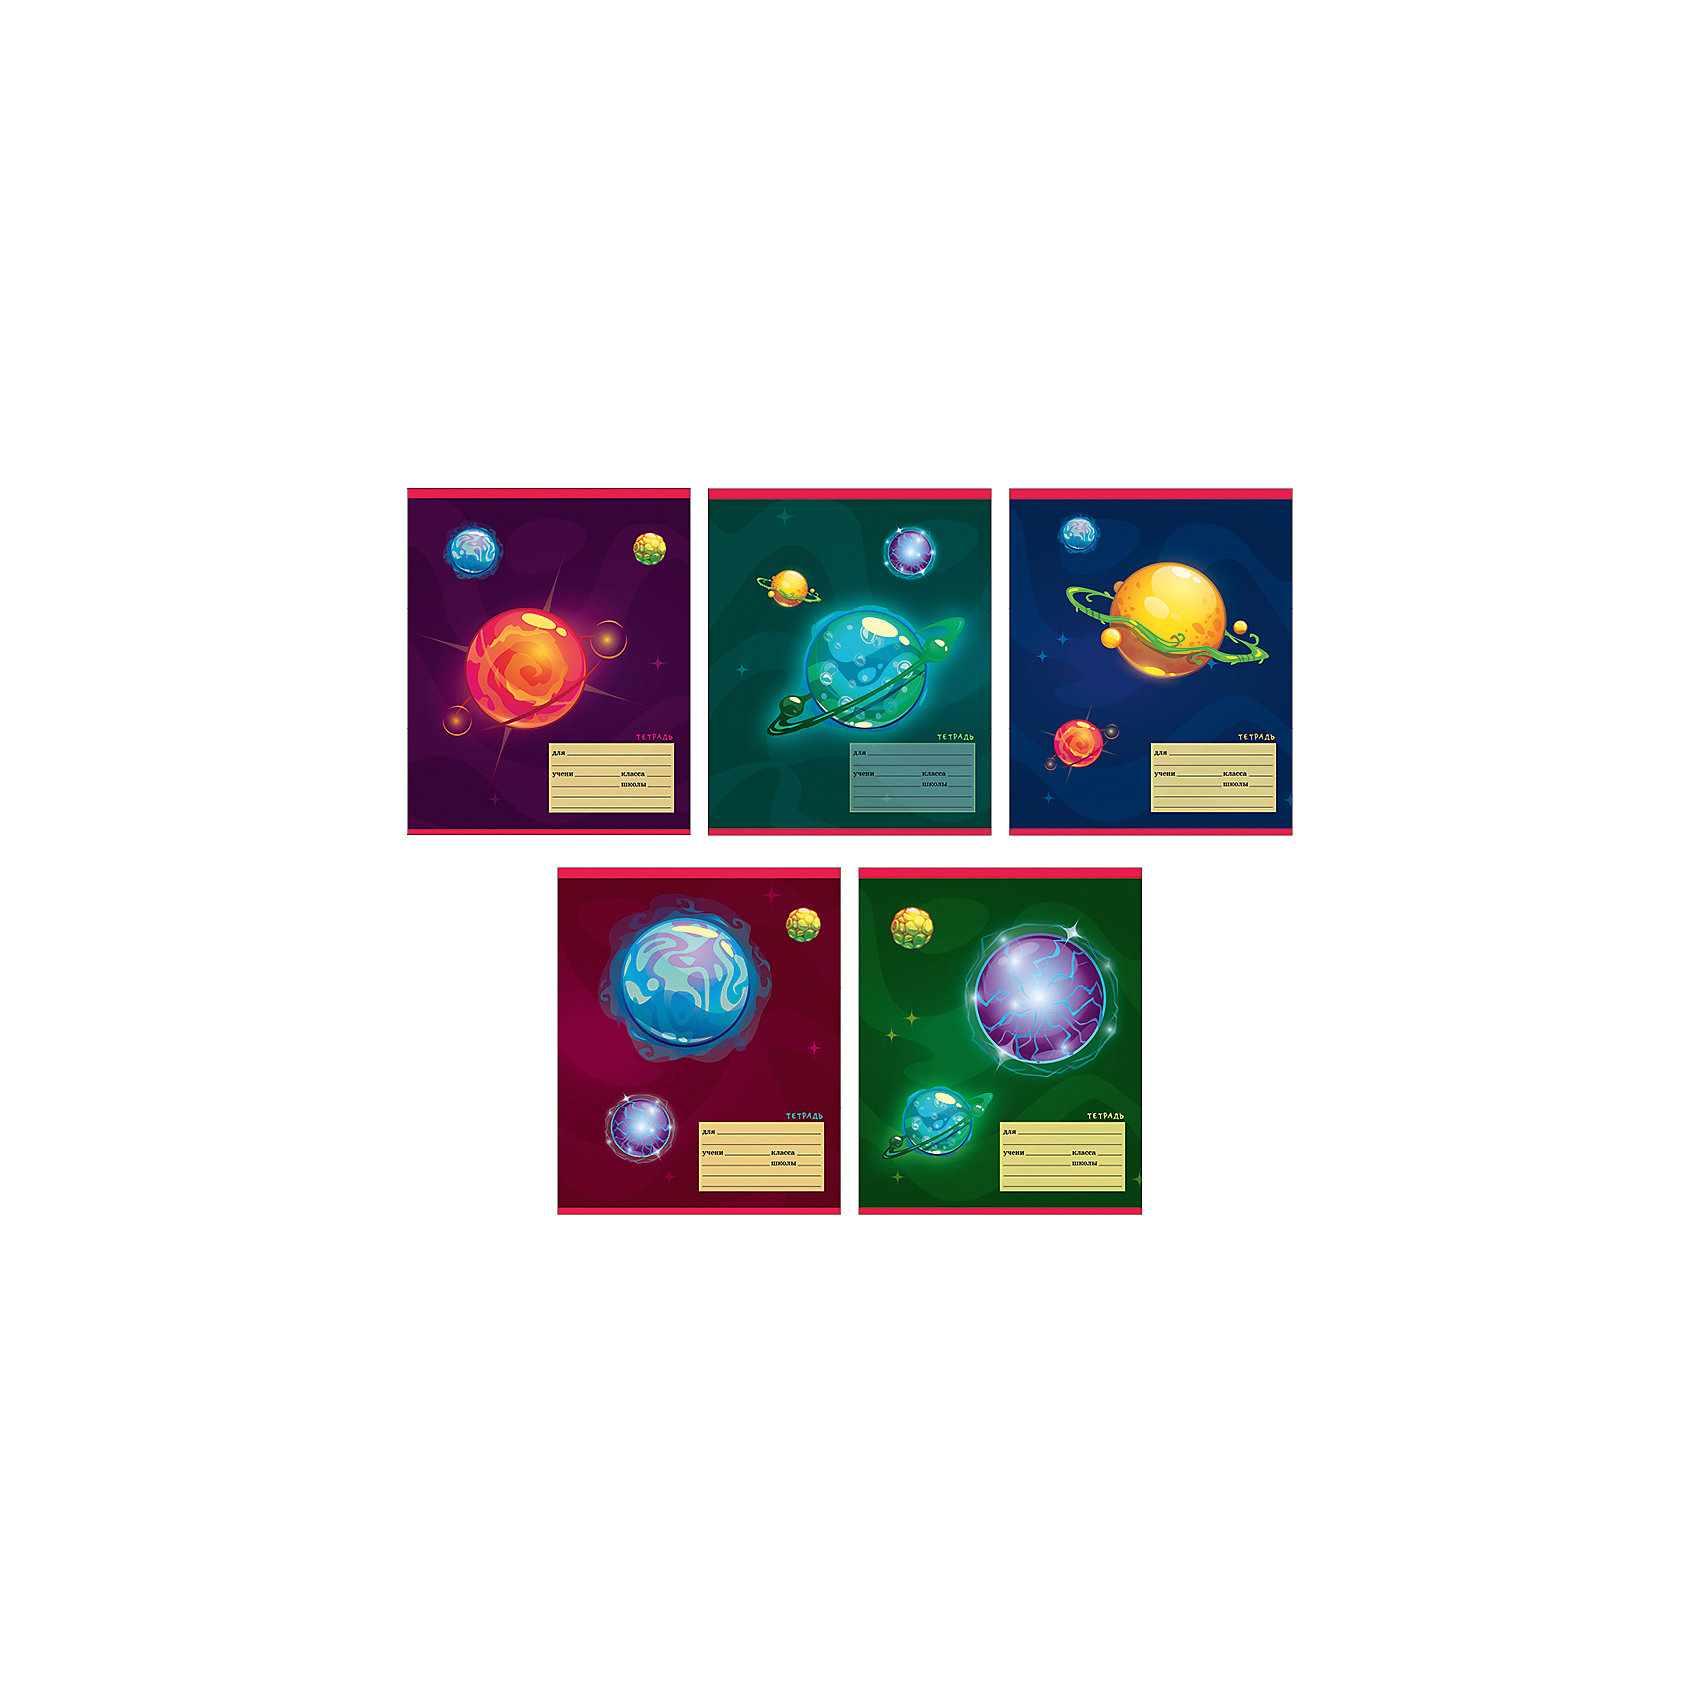 Комплект тетрадей Тайны галактики (10 шт), 12 листов,  Канц-ЭксмоБумажная продукция<br>Характеристики комплекта тетрадей Тайны галактики:<br><br>• размеры: 20.2х16.3х3.5 см<br>• количество листов: 12 шт.<br>• разлиновка: линейка<br>• формат: А 5 <br>• комплектация: тетрадь<br>• бумага: офсет, плотностью 60 г/м2.<br>• обложка: мелованный картон, выборочный лак <br>• бренд: Канц-Эксмо<br>• страна бренда: Россия<br>• страна производителя: Россия<br><br>Комплект тетрадей Тайны галактики от производителя Канц-Эксмо выполнен в формате А5. Количество листов 12, тетради в линейку с полями. Крепление: скрепка. Обложка у изделий плотная - мелованный картон, выборочный лак . Тетради будут по достойнству оценены любителями астрономии.<br><br>Комплект тетрадей Тайны галактики от производителя Канц-Эксмо можно купить в нашем интернет-магазине.<br><br>Ширина мм: 200<br>Глубина мм: 163<br>Высота мм: 20<br>Вес г: 39<br>Возраст от месяцев: 72<br>Возраст до месяцев: 2147483647<br>Пол: Мужской<br>Возраст: Детский<br>SKU: 5448383